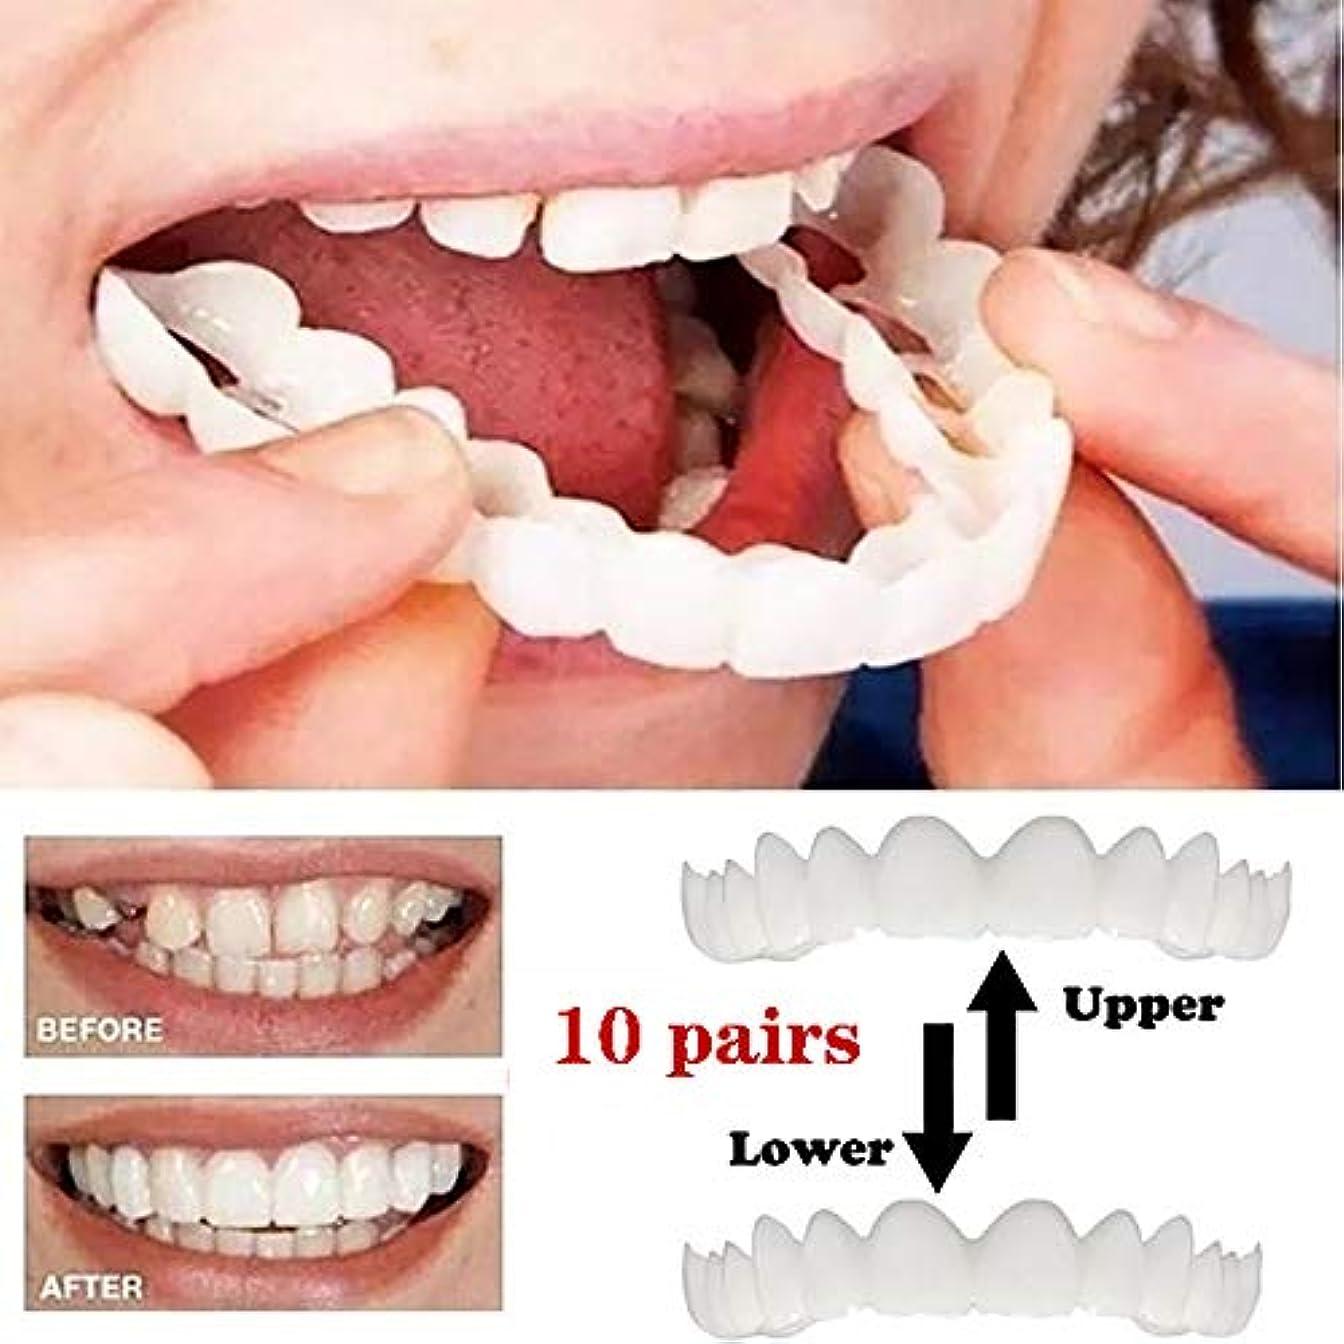 とても多くの階層受け入れる最新の突き板の歯、化粧品の歯20個 - 一時的な笑顔の快適フィットフレックス化粧品の歯、ワンサイズが最もフィット、快適な上の歯のベニヤと下のベニヤ